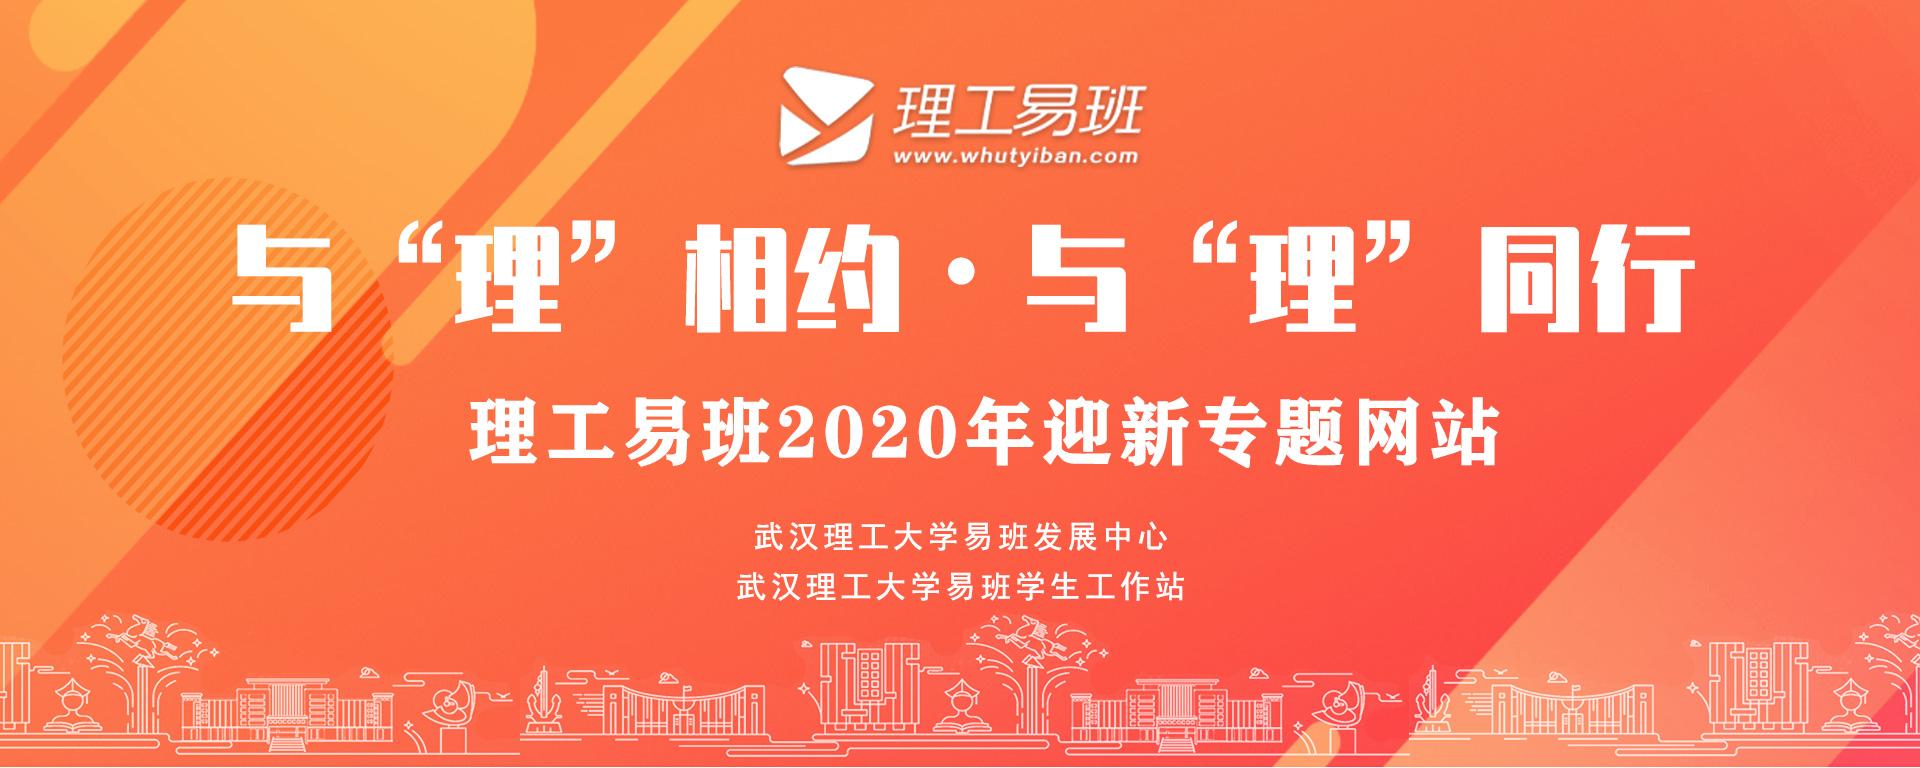 理工易班2020年迎新专题网站